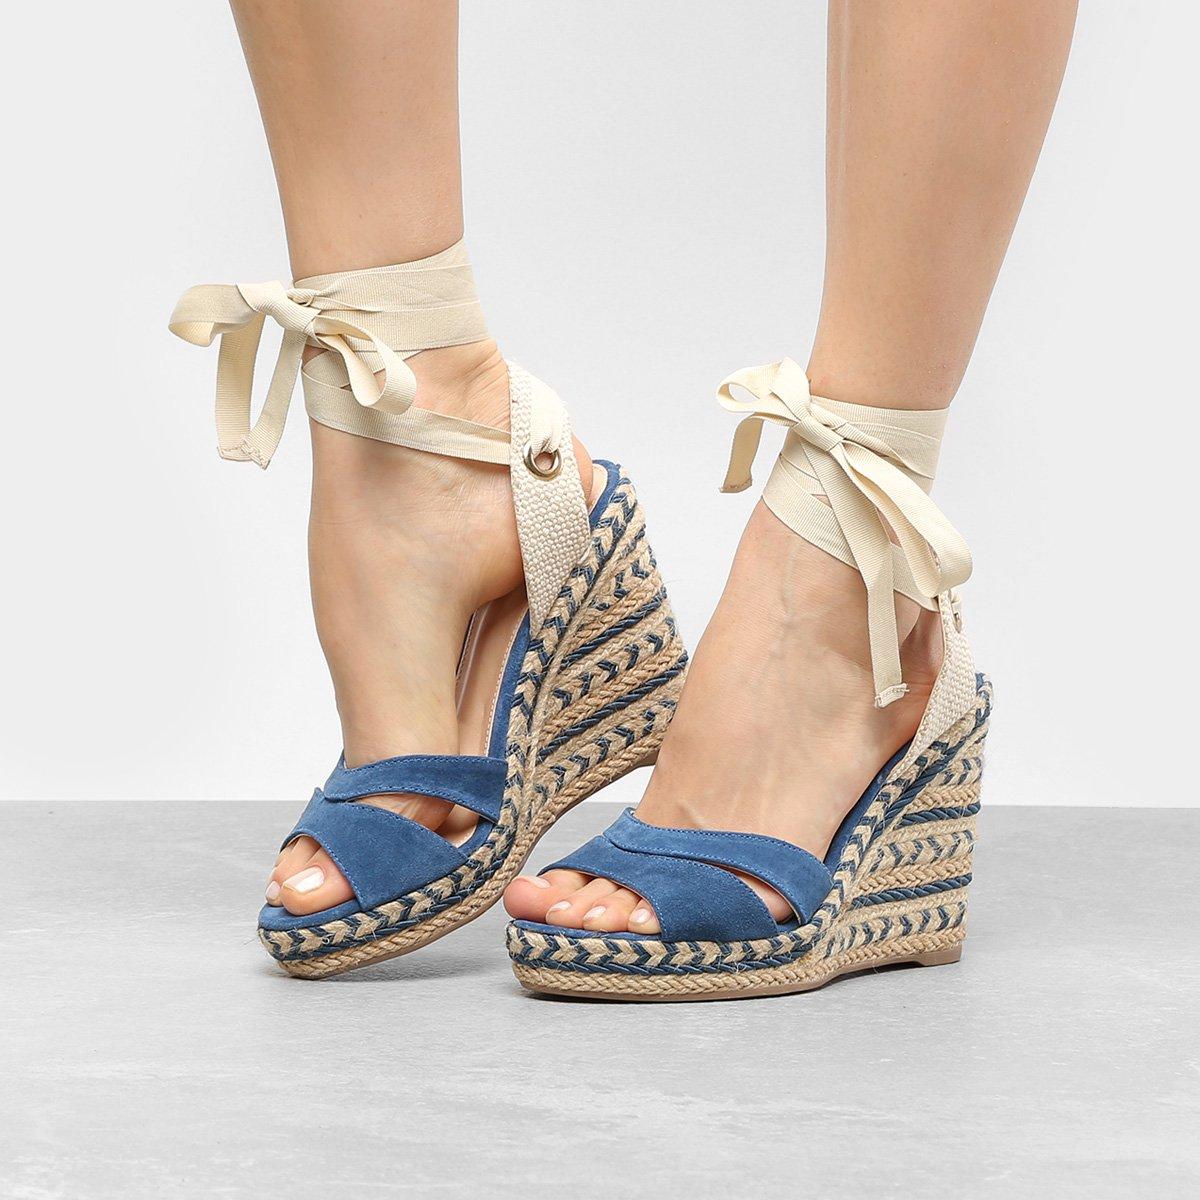 78e0875234 Sandália Anabela Couro Shoestock Espadrille Amarração Feminina - Compre  Agora